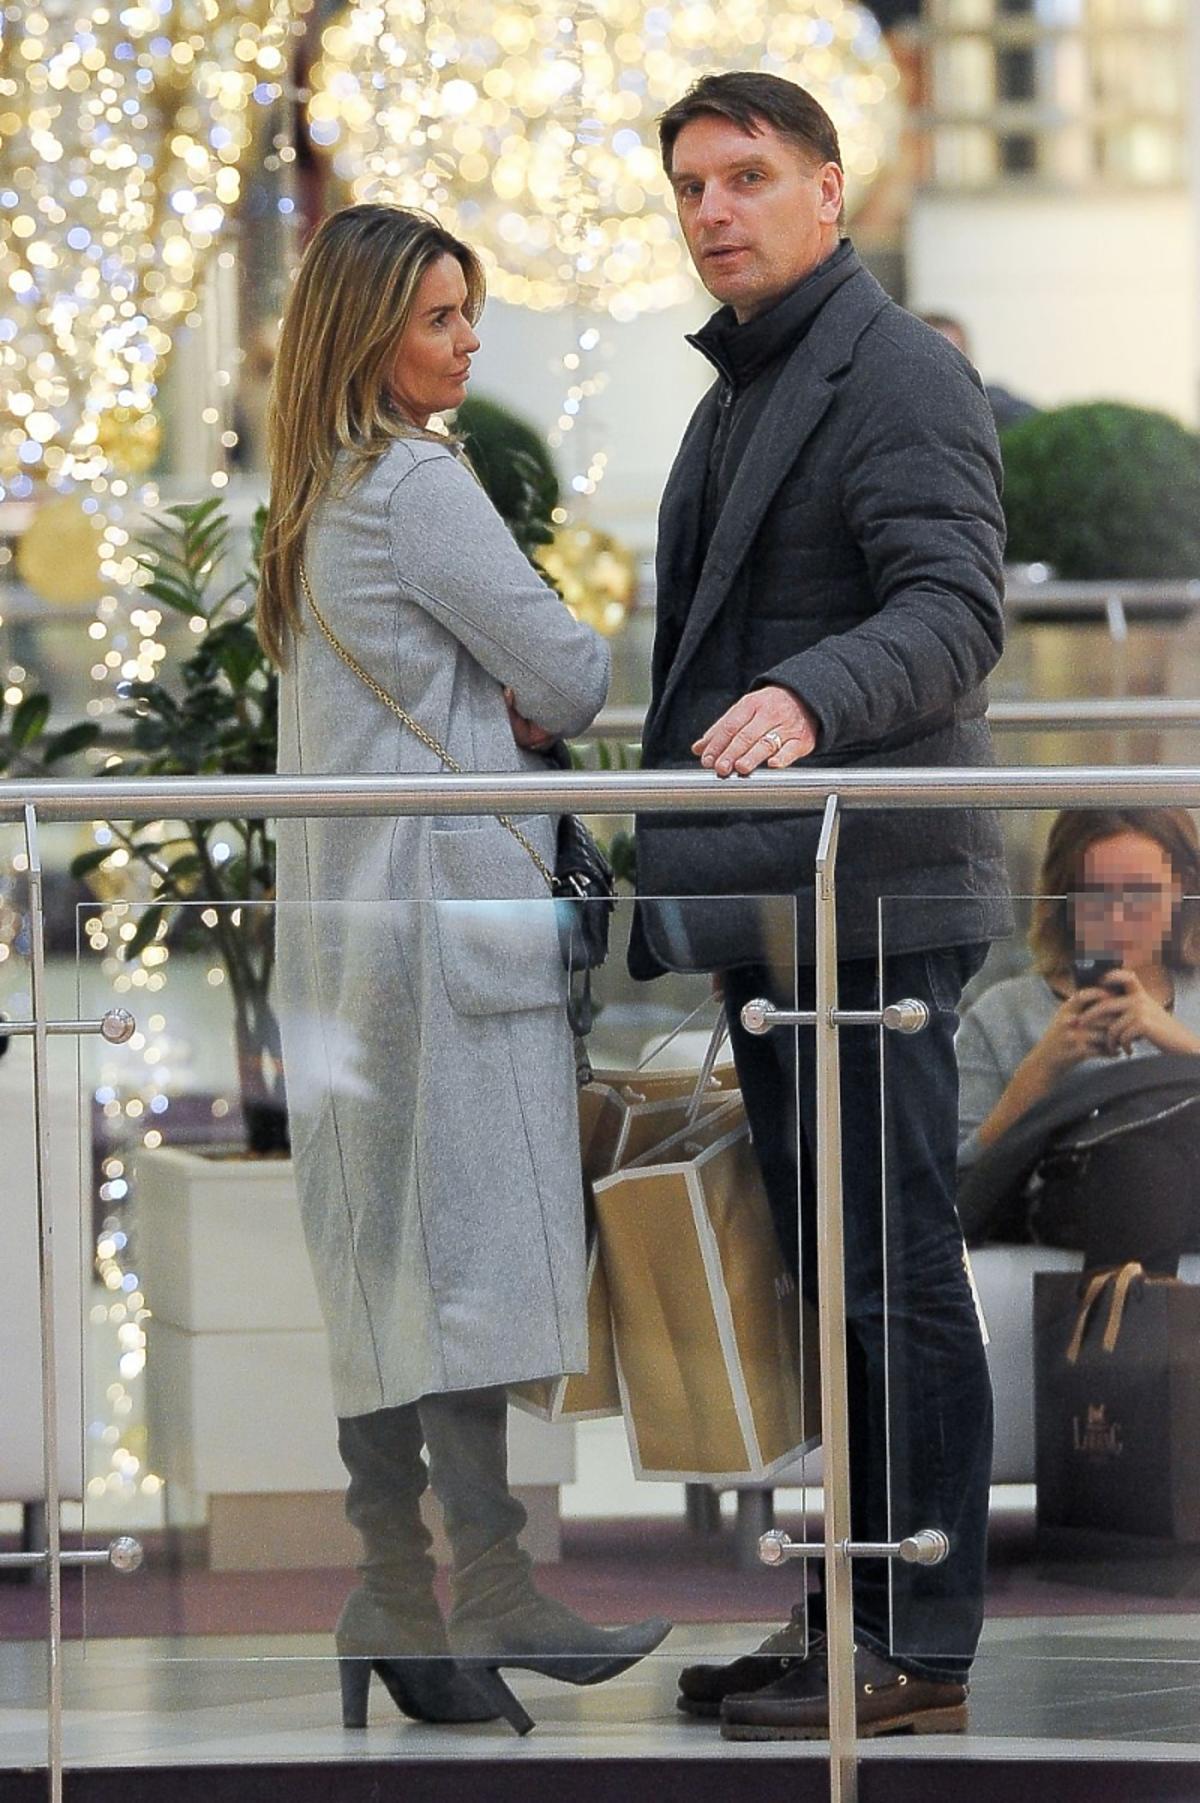 Hanna i Tomasz Lisowie na zakupach